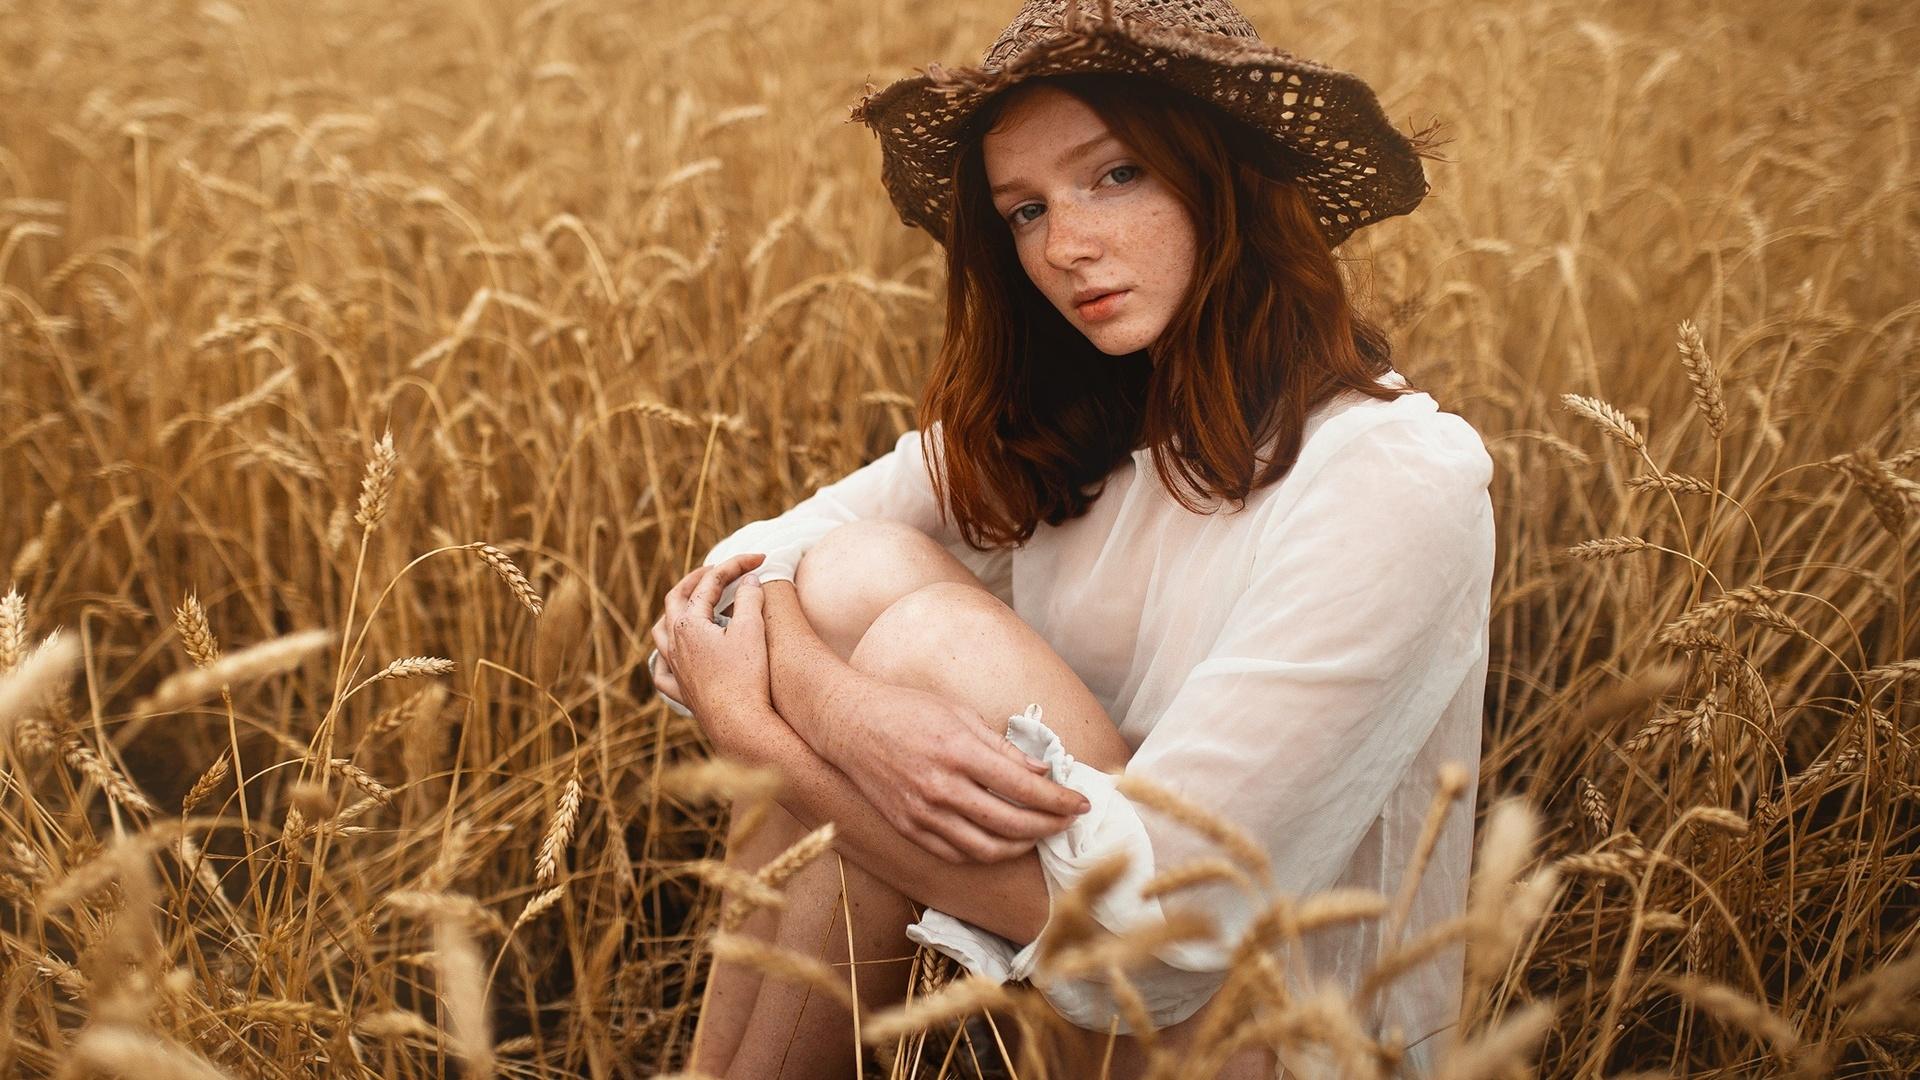 девушка, поле, колосья, фото, сергей невзоров